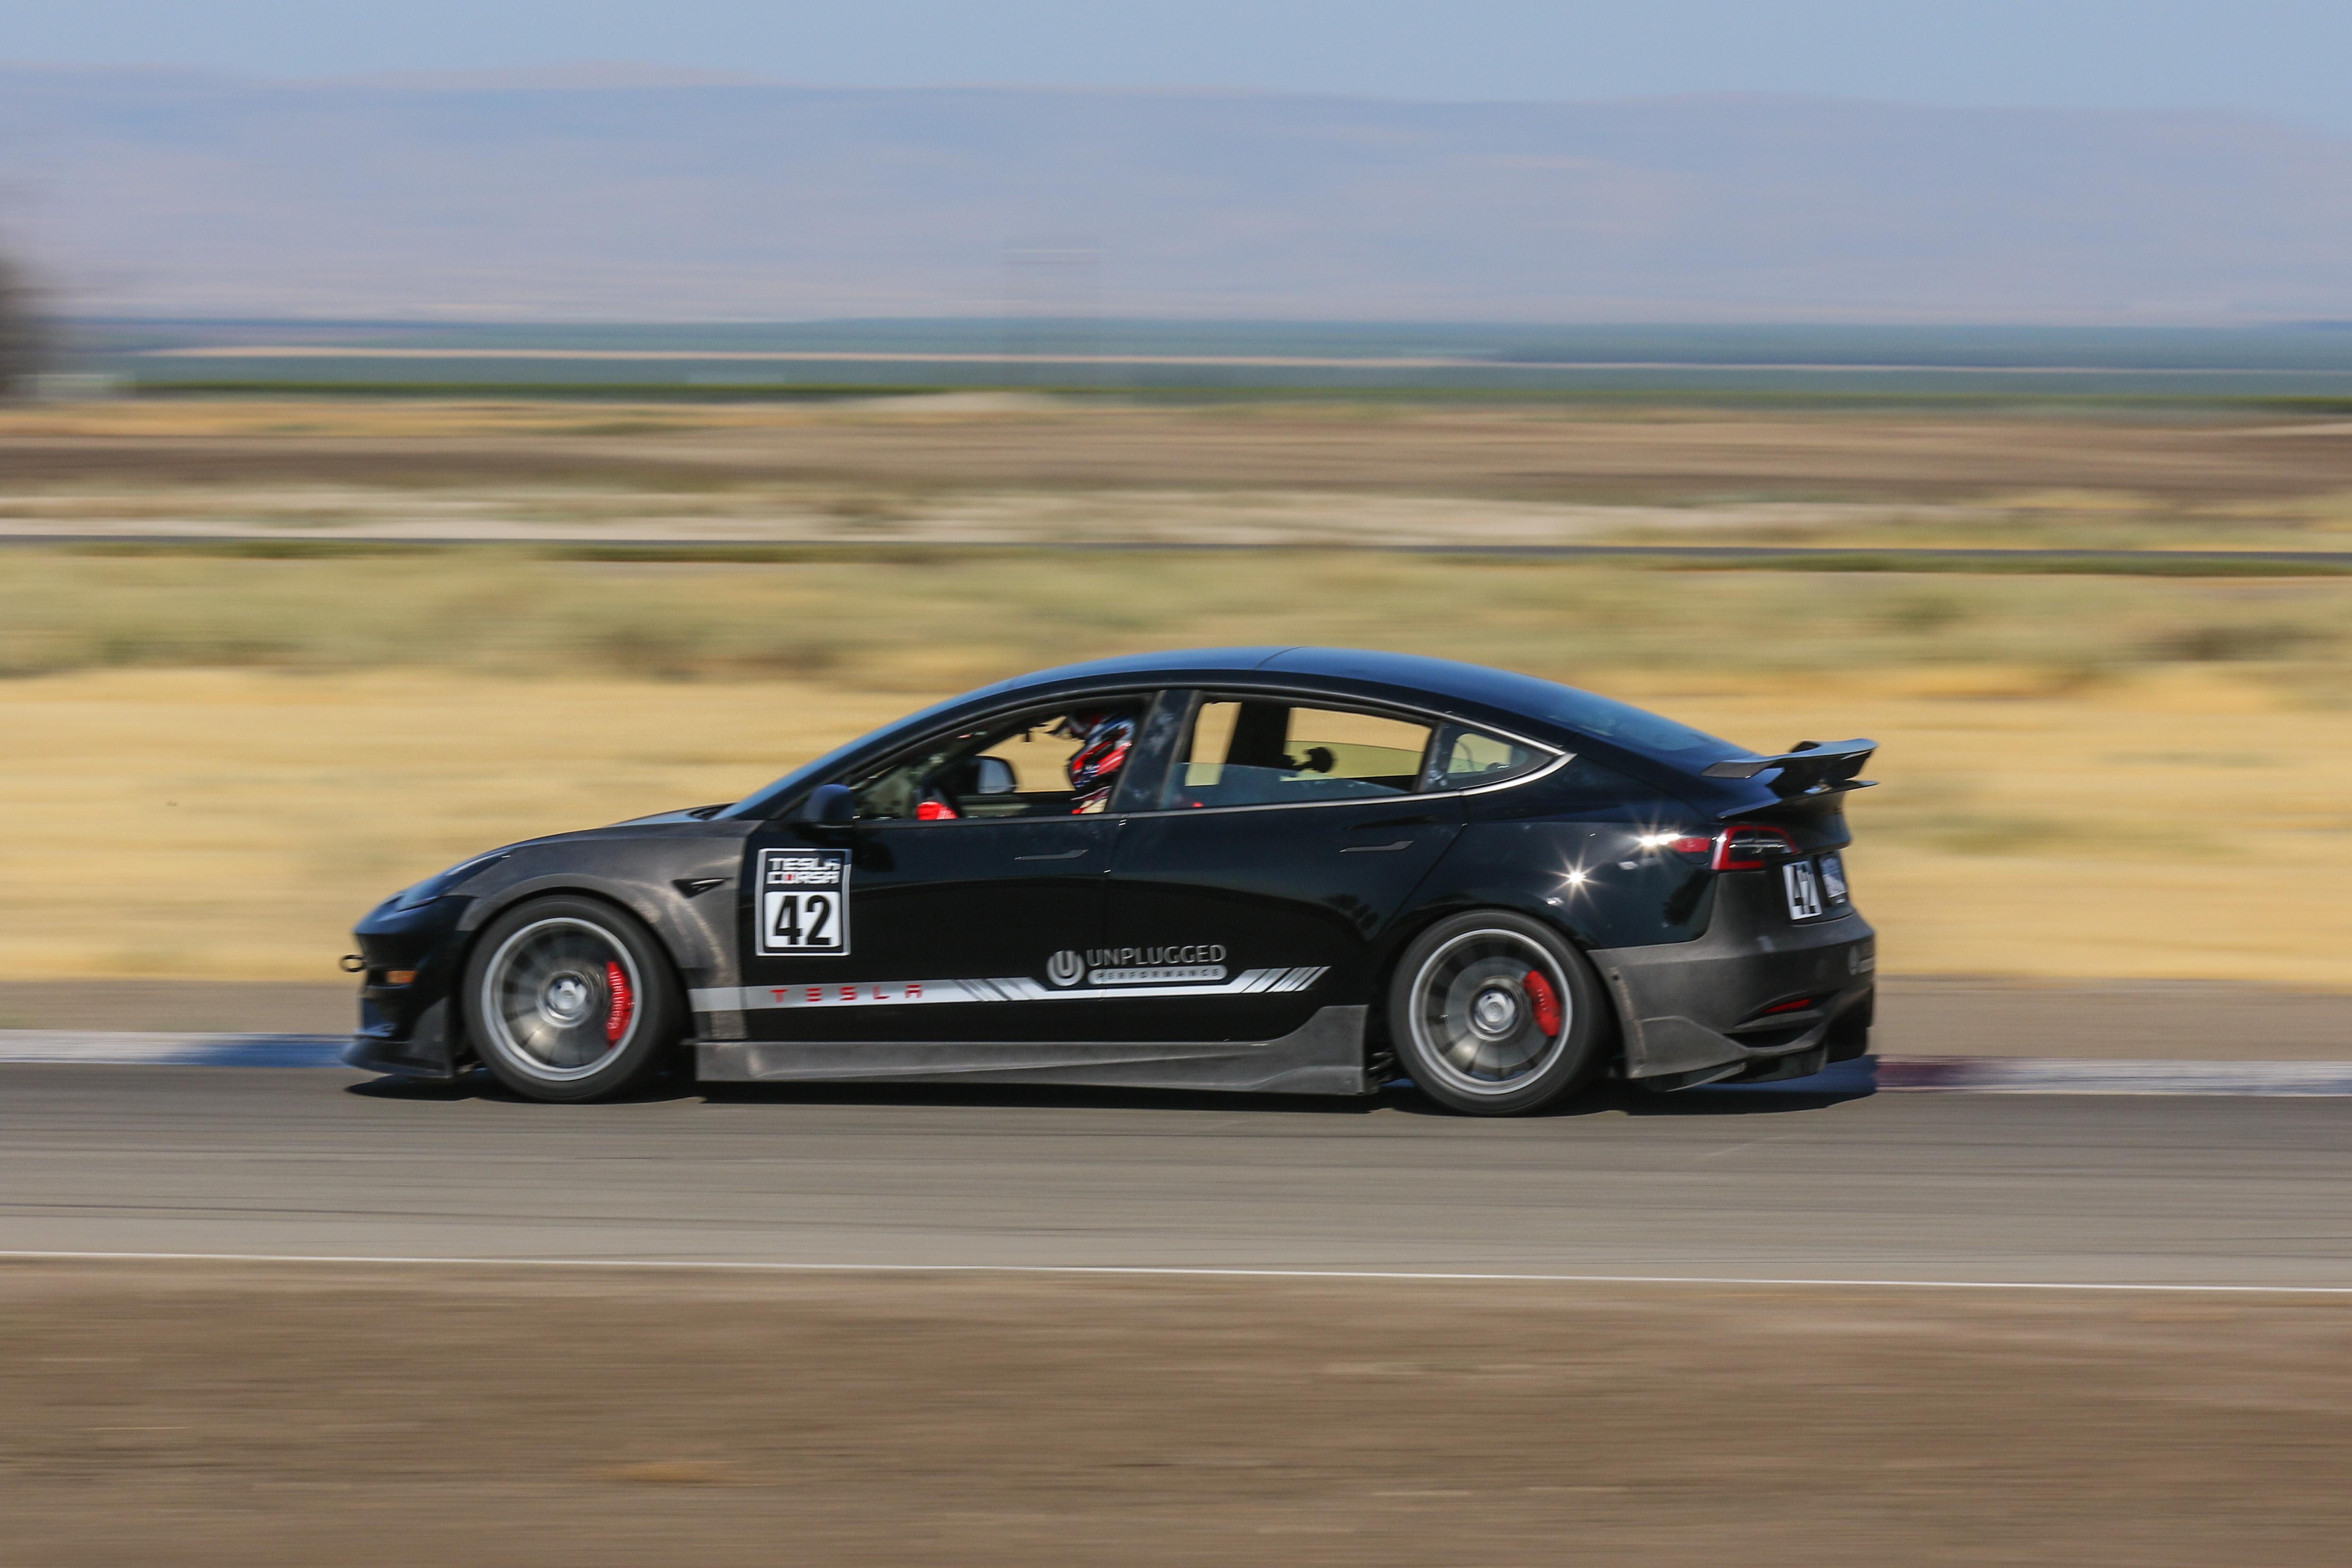 Tesla Model 3 race car breaks track record, sets eyes on ...